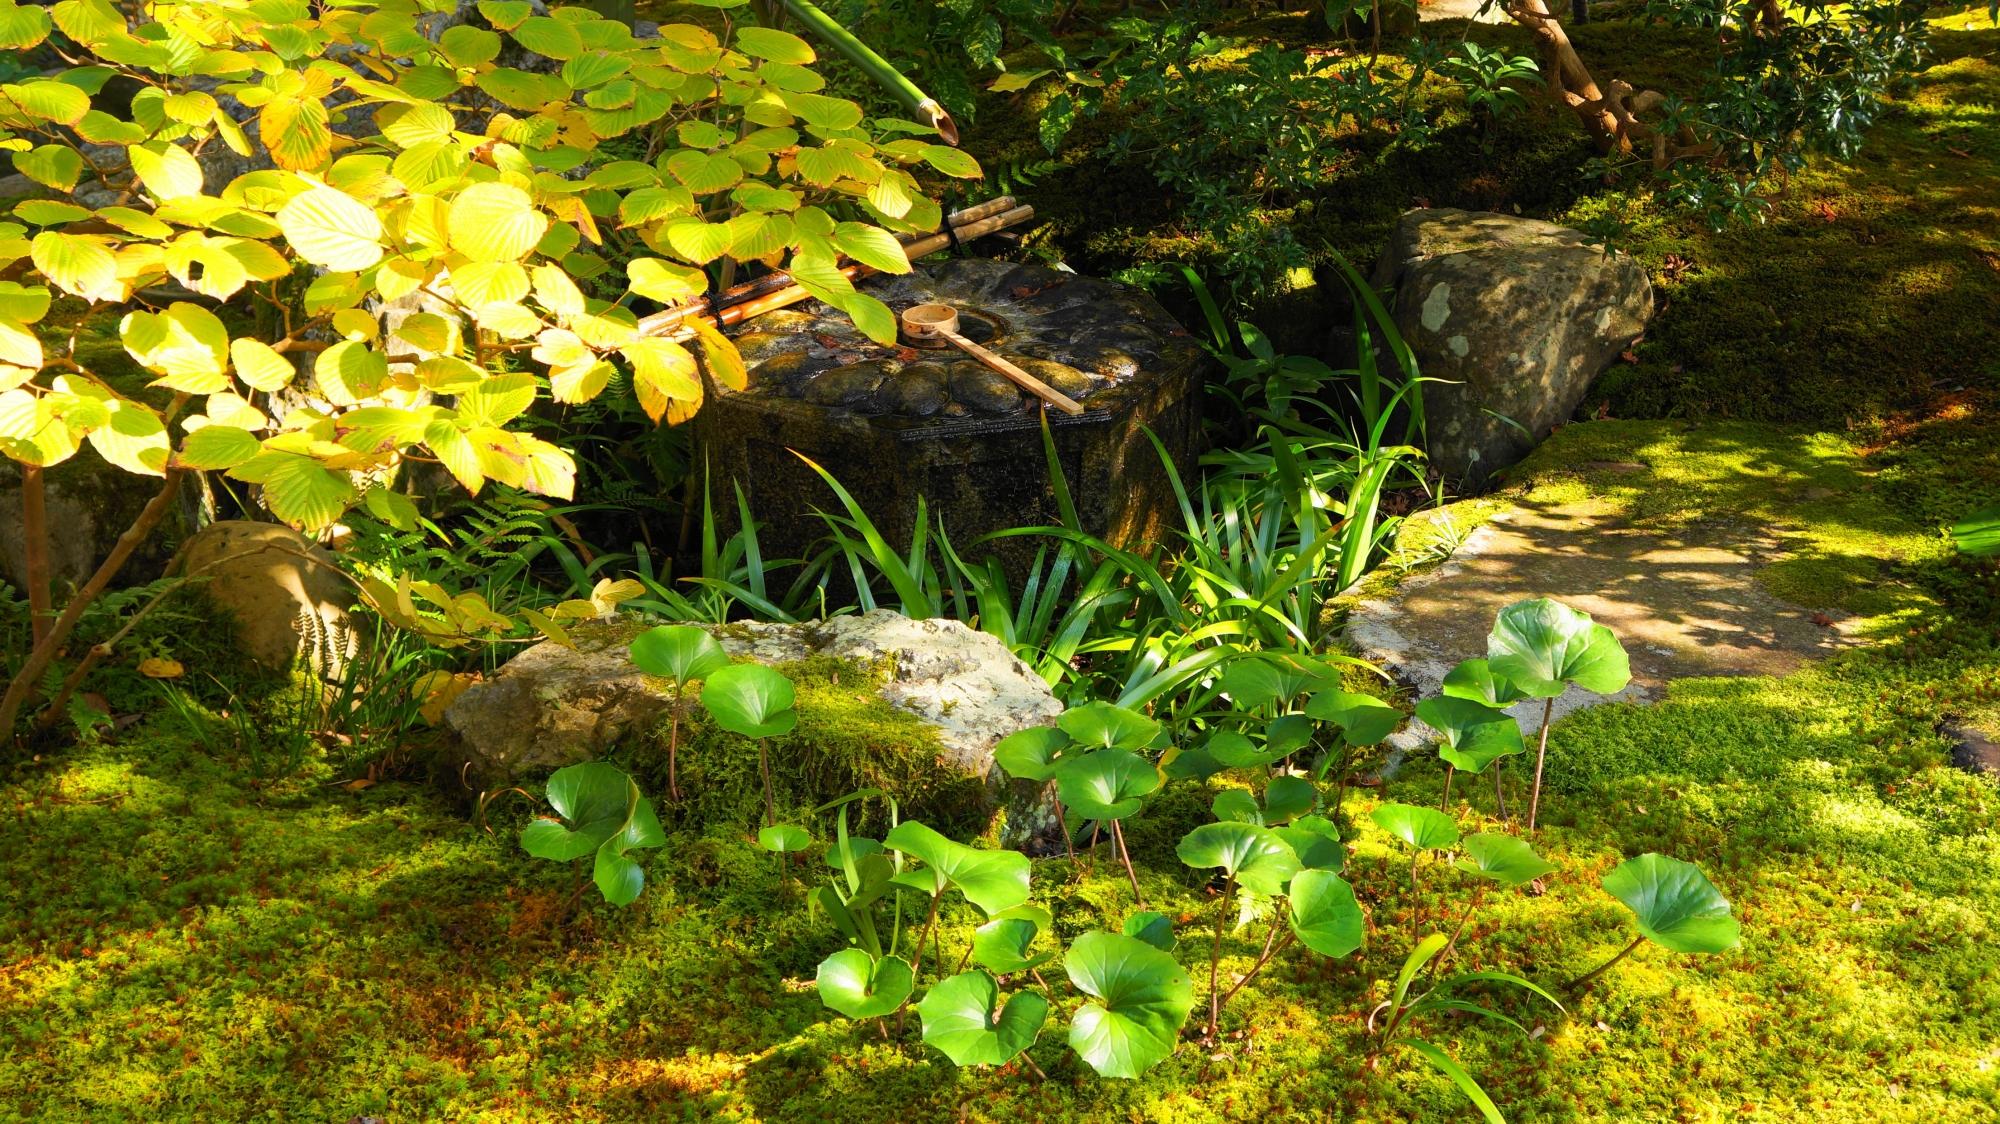 良く手入れされた美しい苔や緑